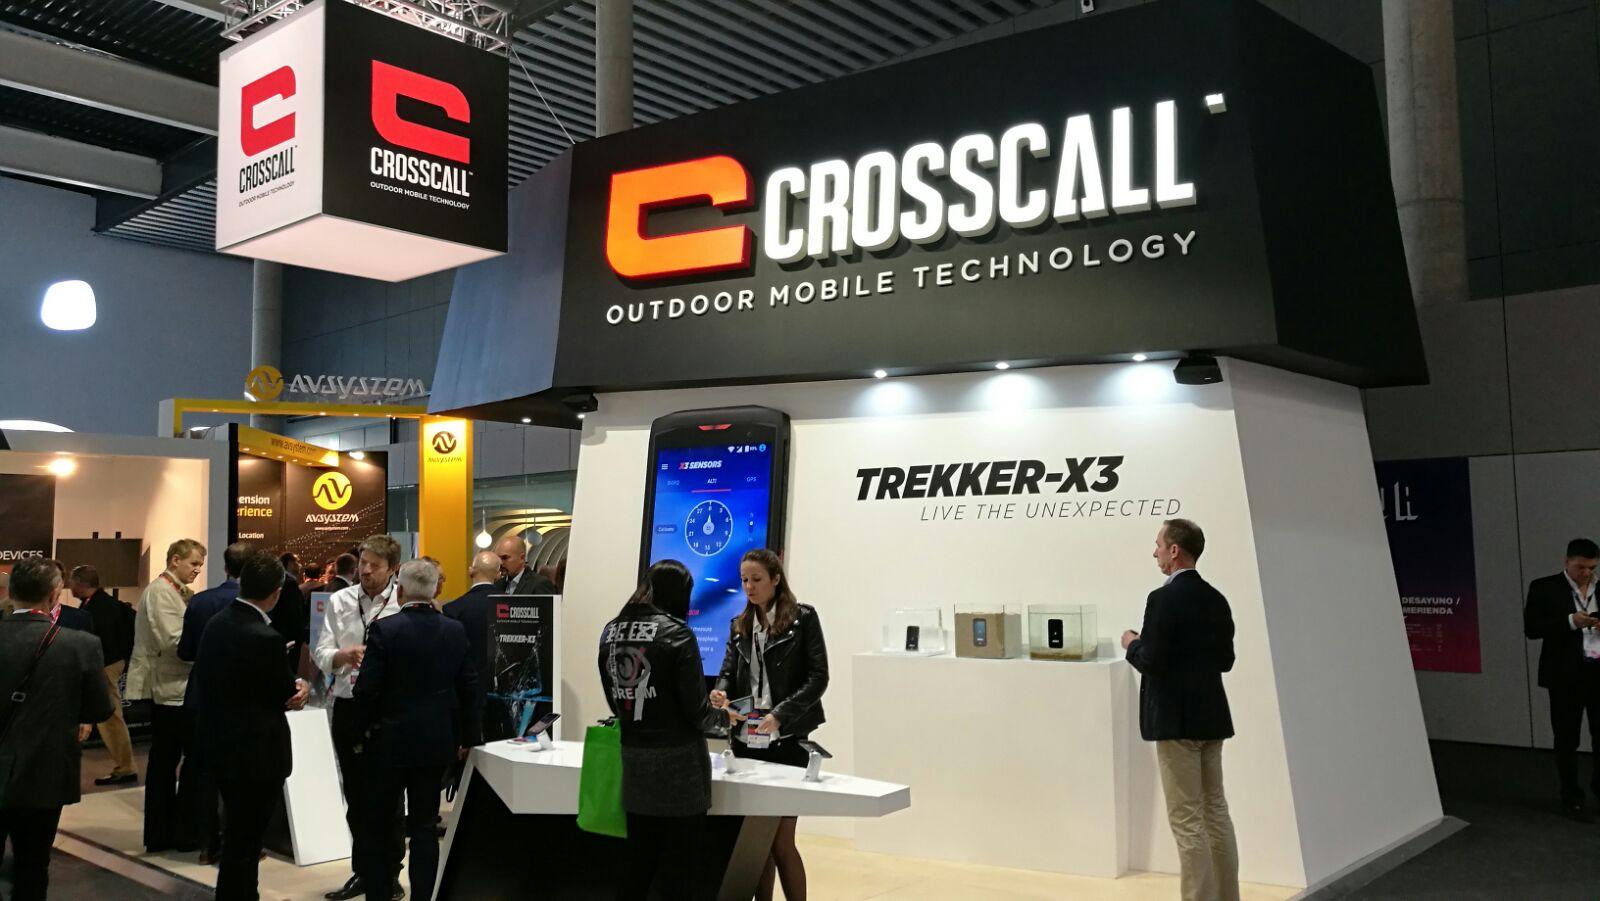 Crosscall Trekker-X3